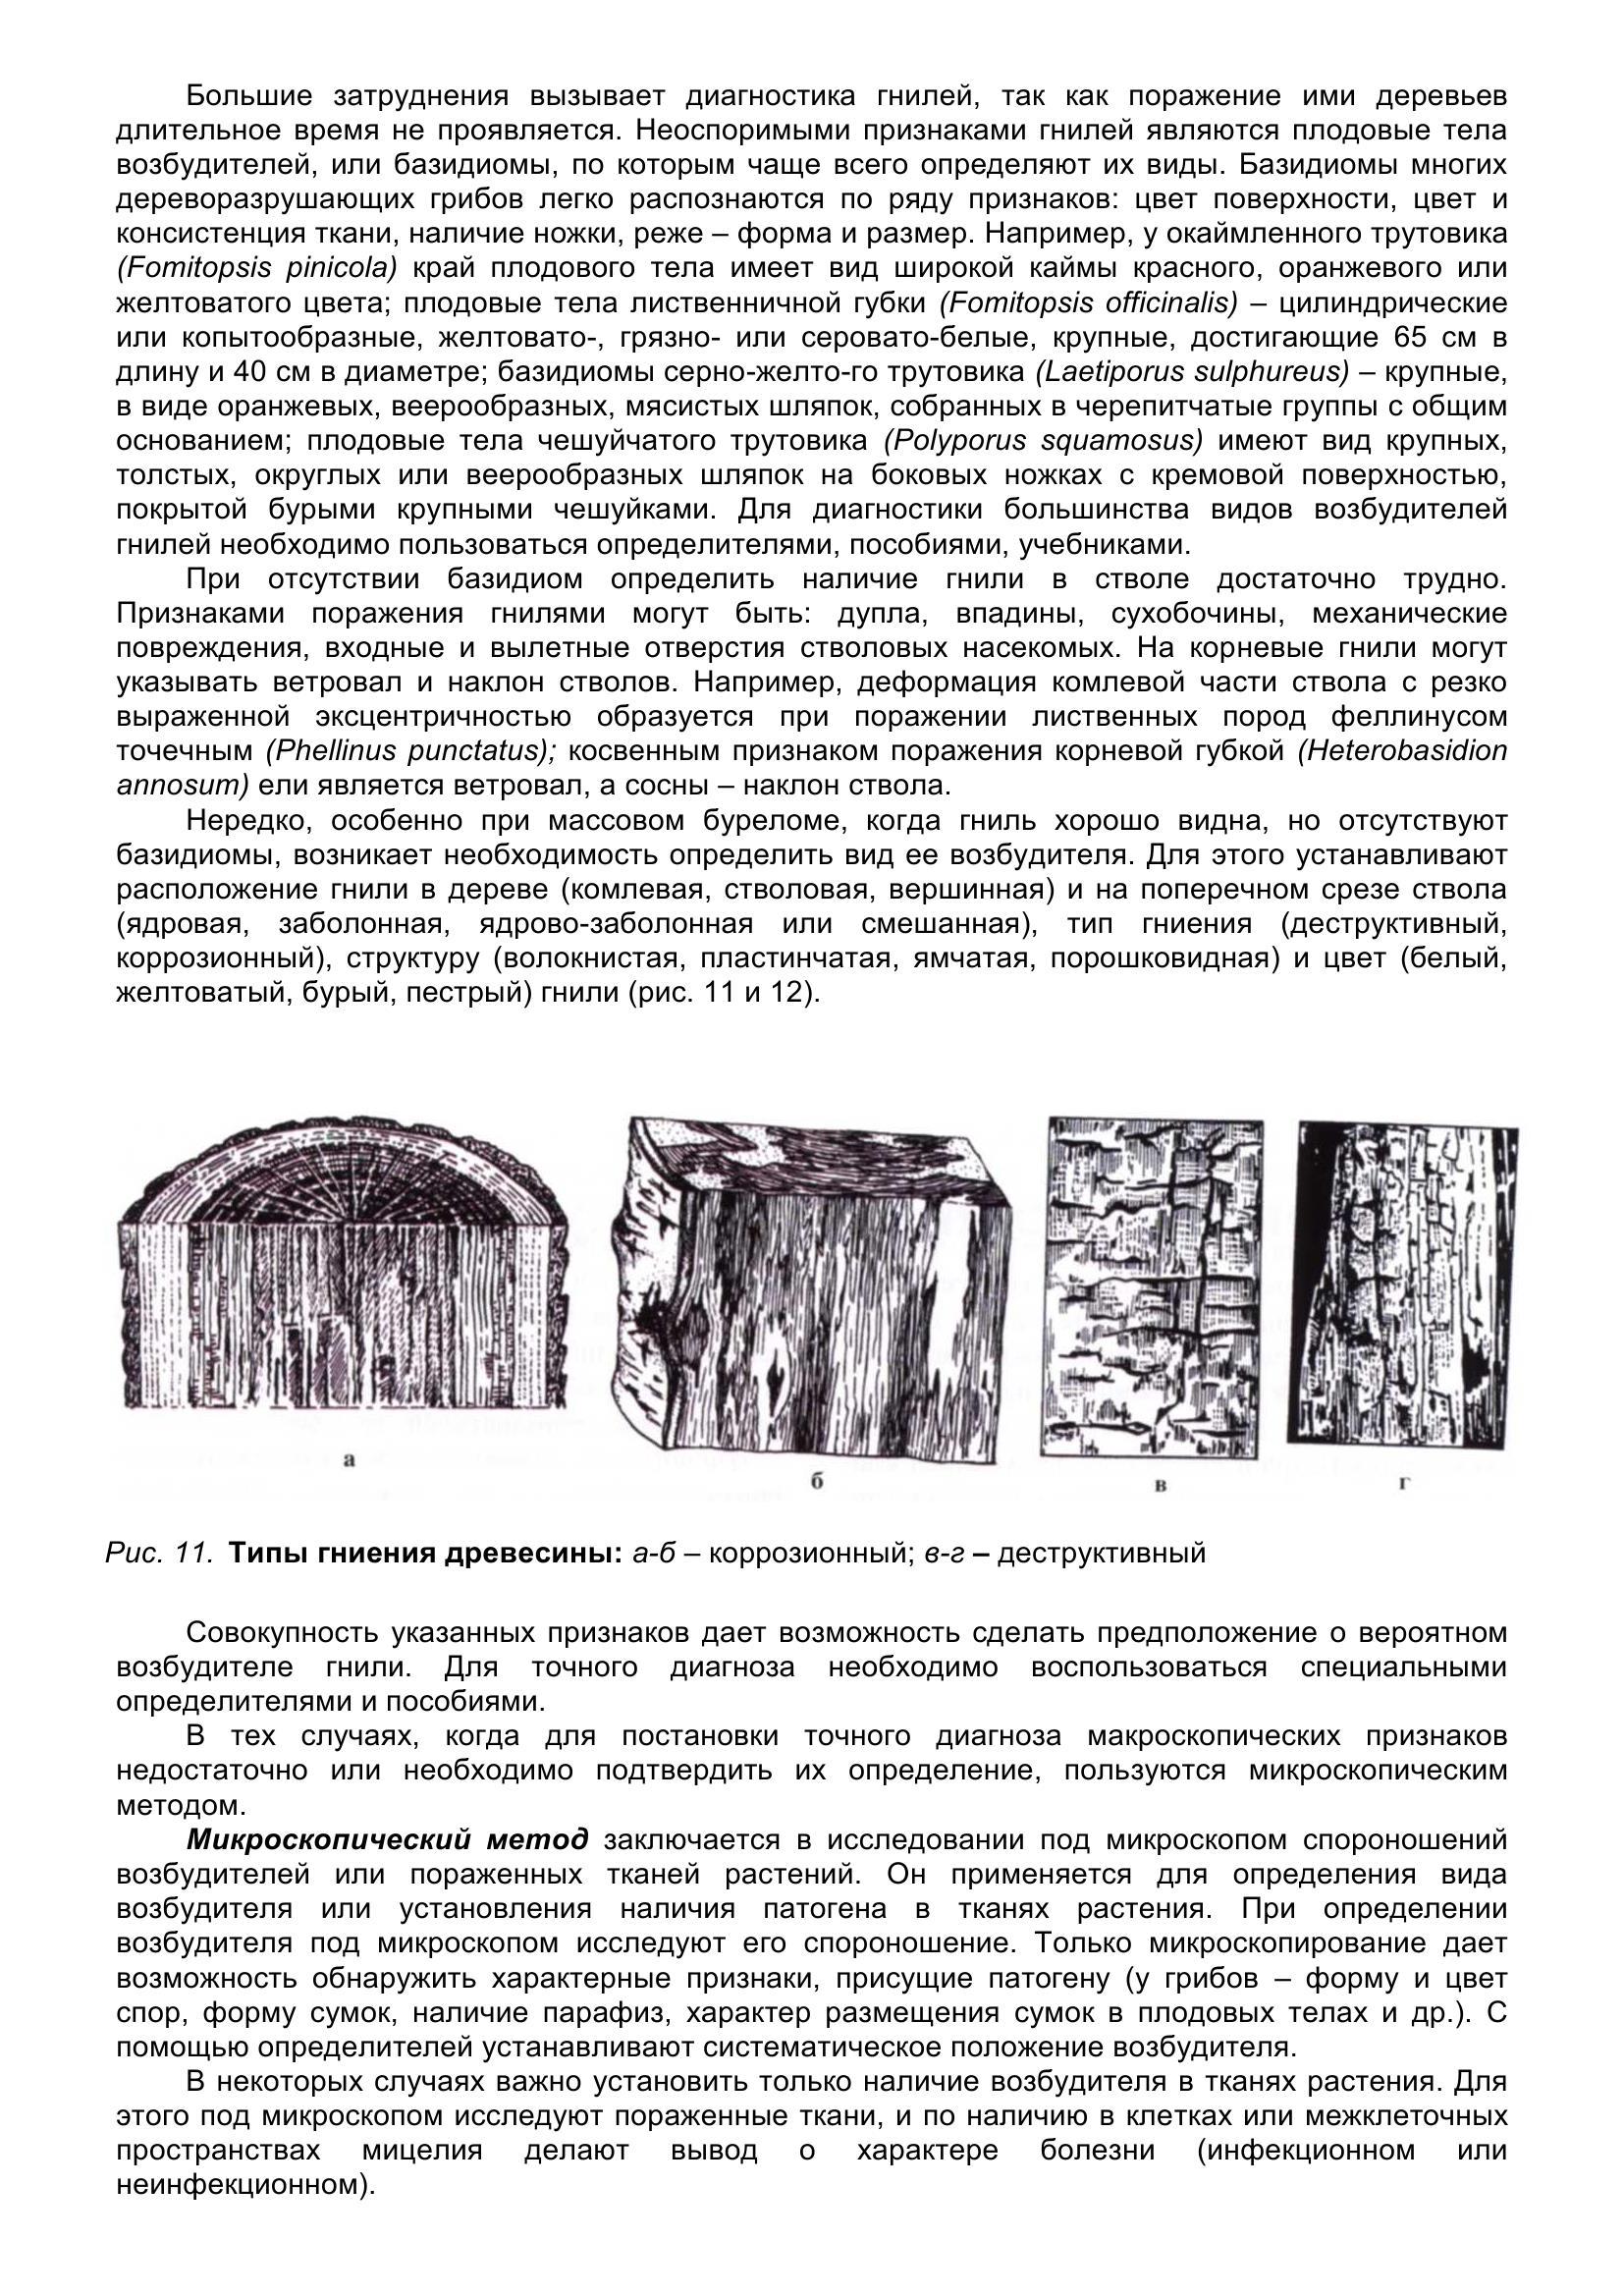 Болезни_древесных_растений_025.jpg